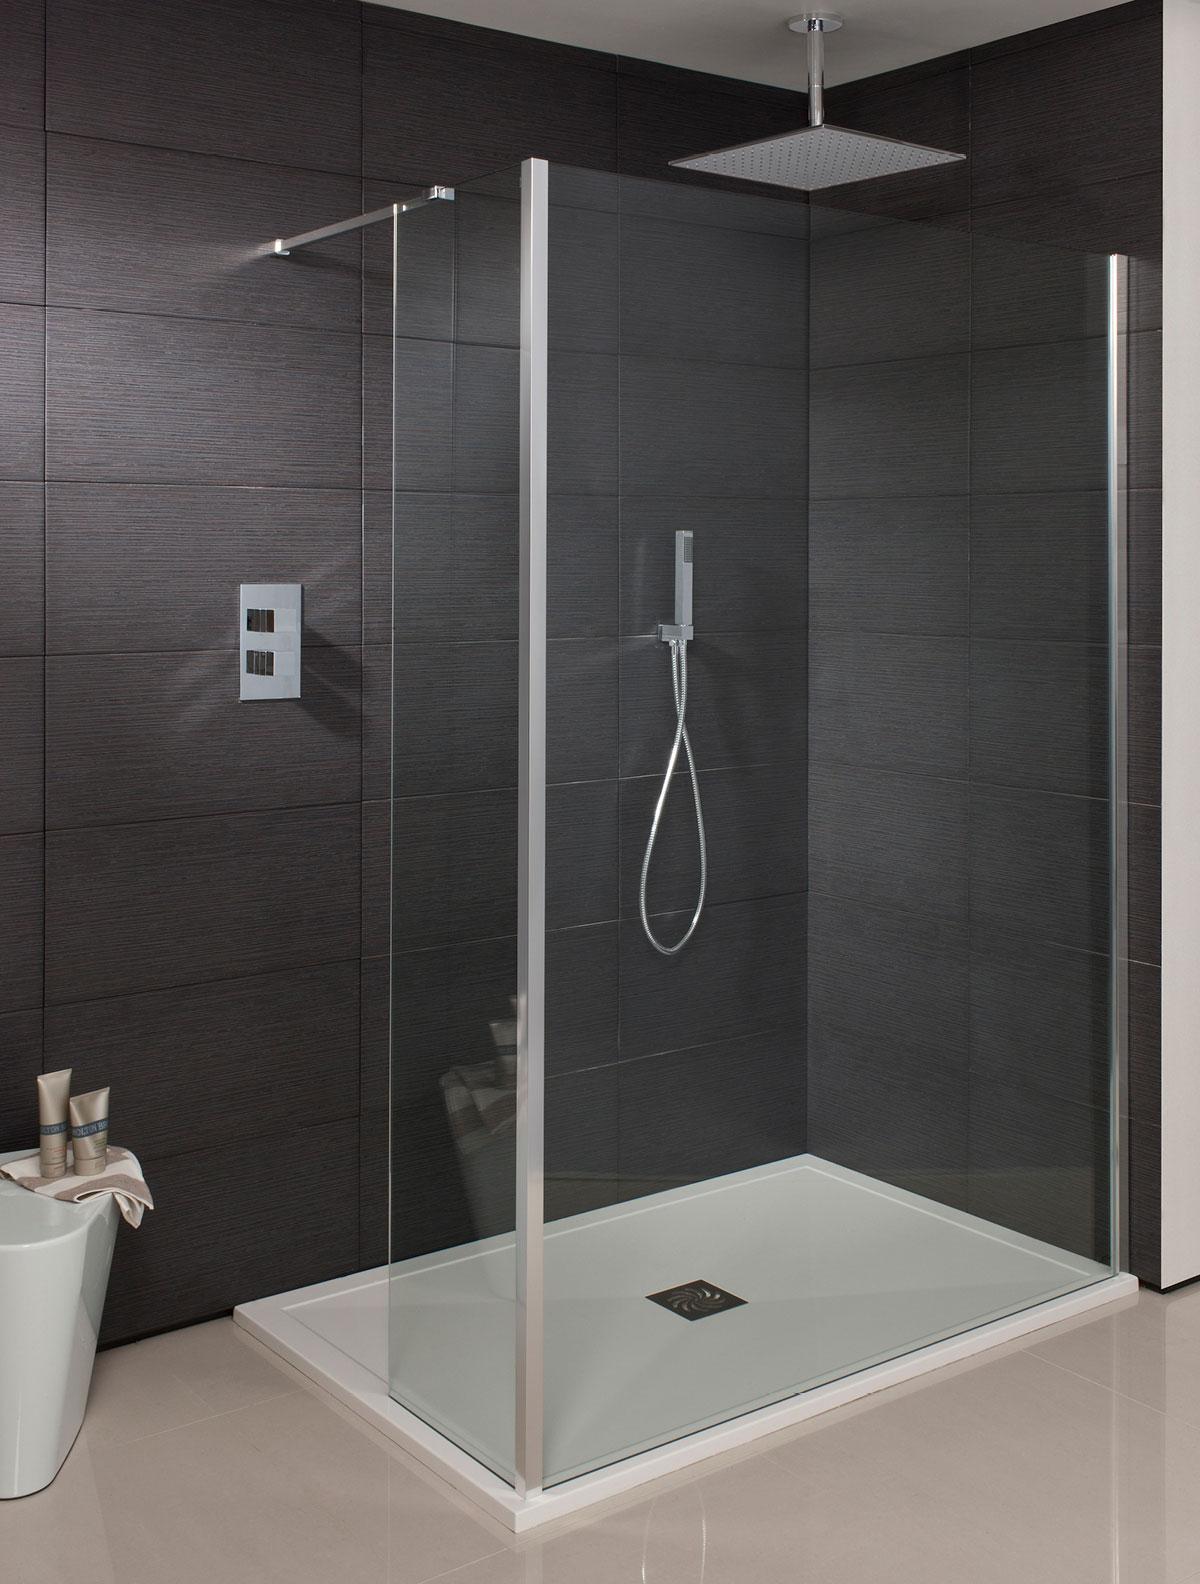 Design Walk In Shower Panel In Walk In Luxury Bathrooms